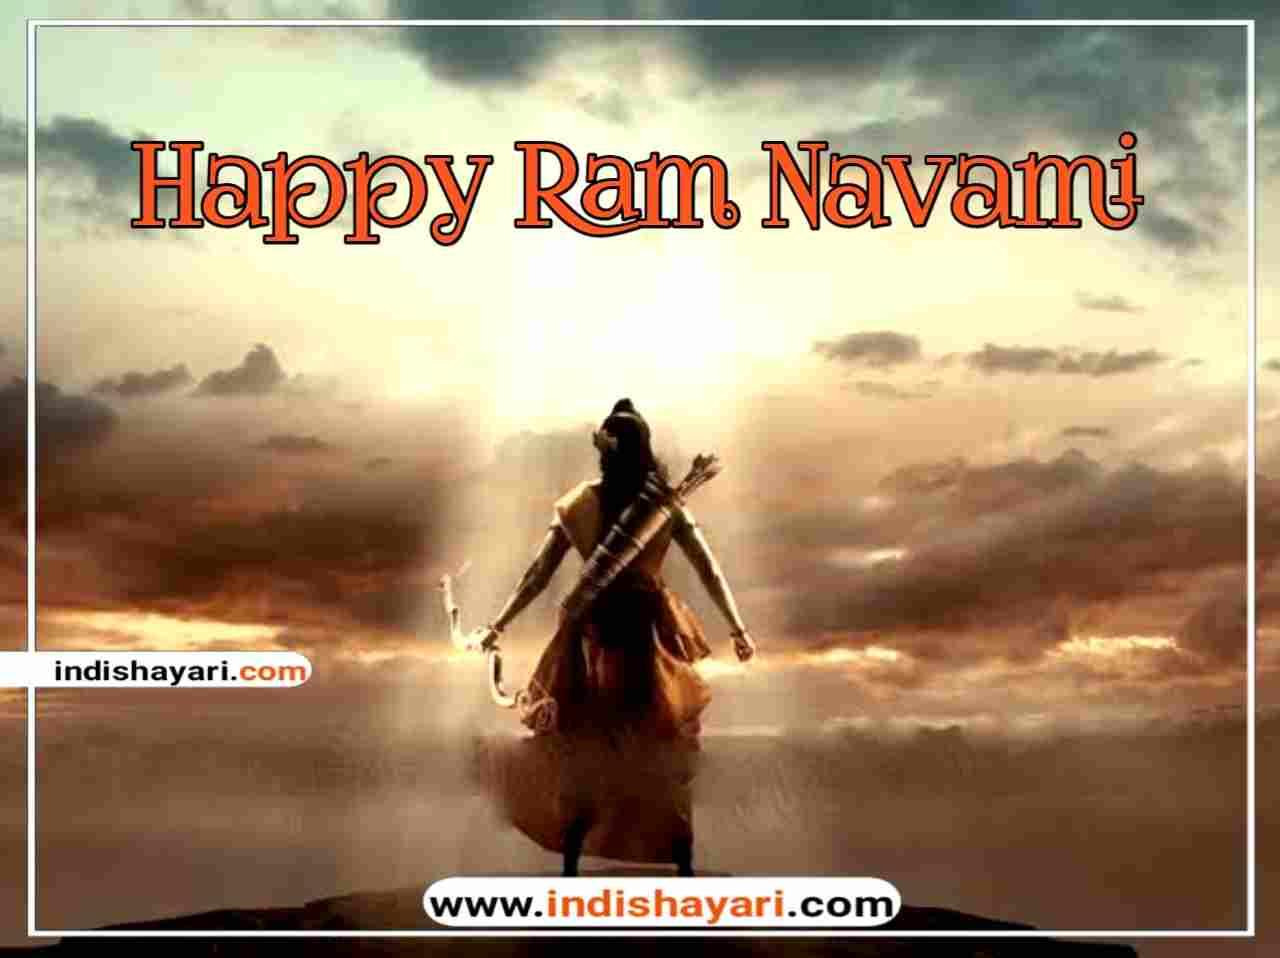 Ram-navami, कौन है राम, हे राम, ramnavami, Ram bhagt, Ram , Ram Navami kab hai ,ramnavami kyu aur kab manaya jata hai,kaun hai Ram, Ram kaun hai